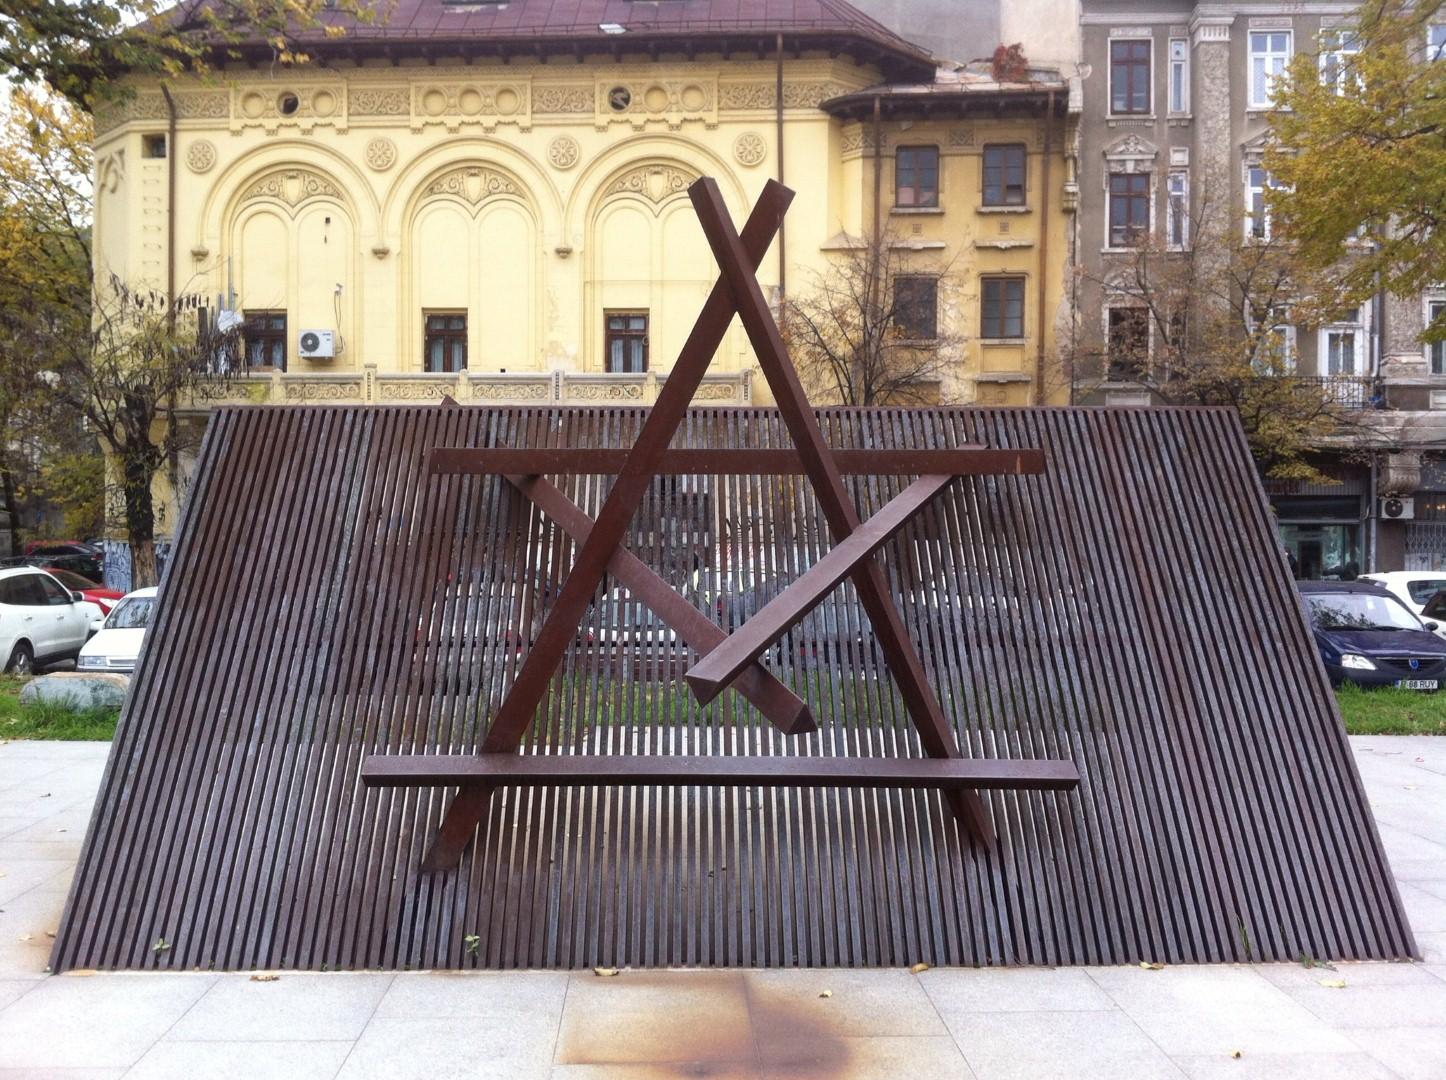 אנדרטת השואה במתחם זיכרון השואה בבוקרשט (צילום: איריס לקנר ) (צילום: איריס לקנר )